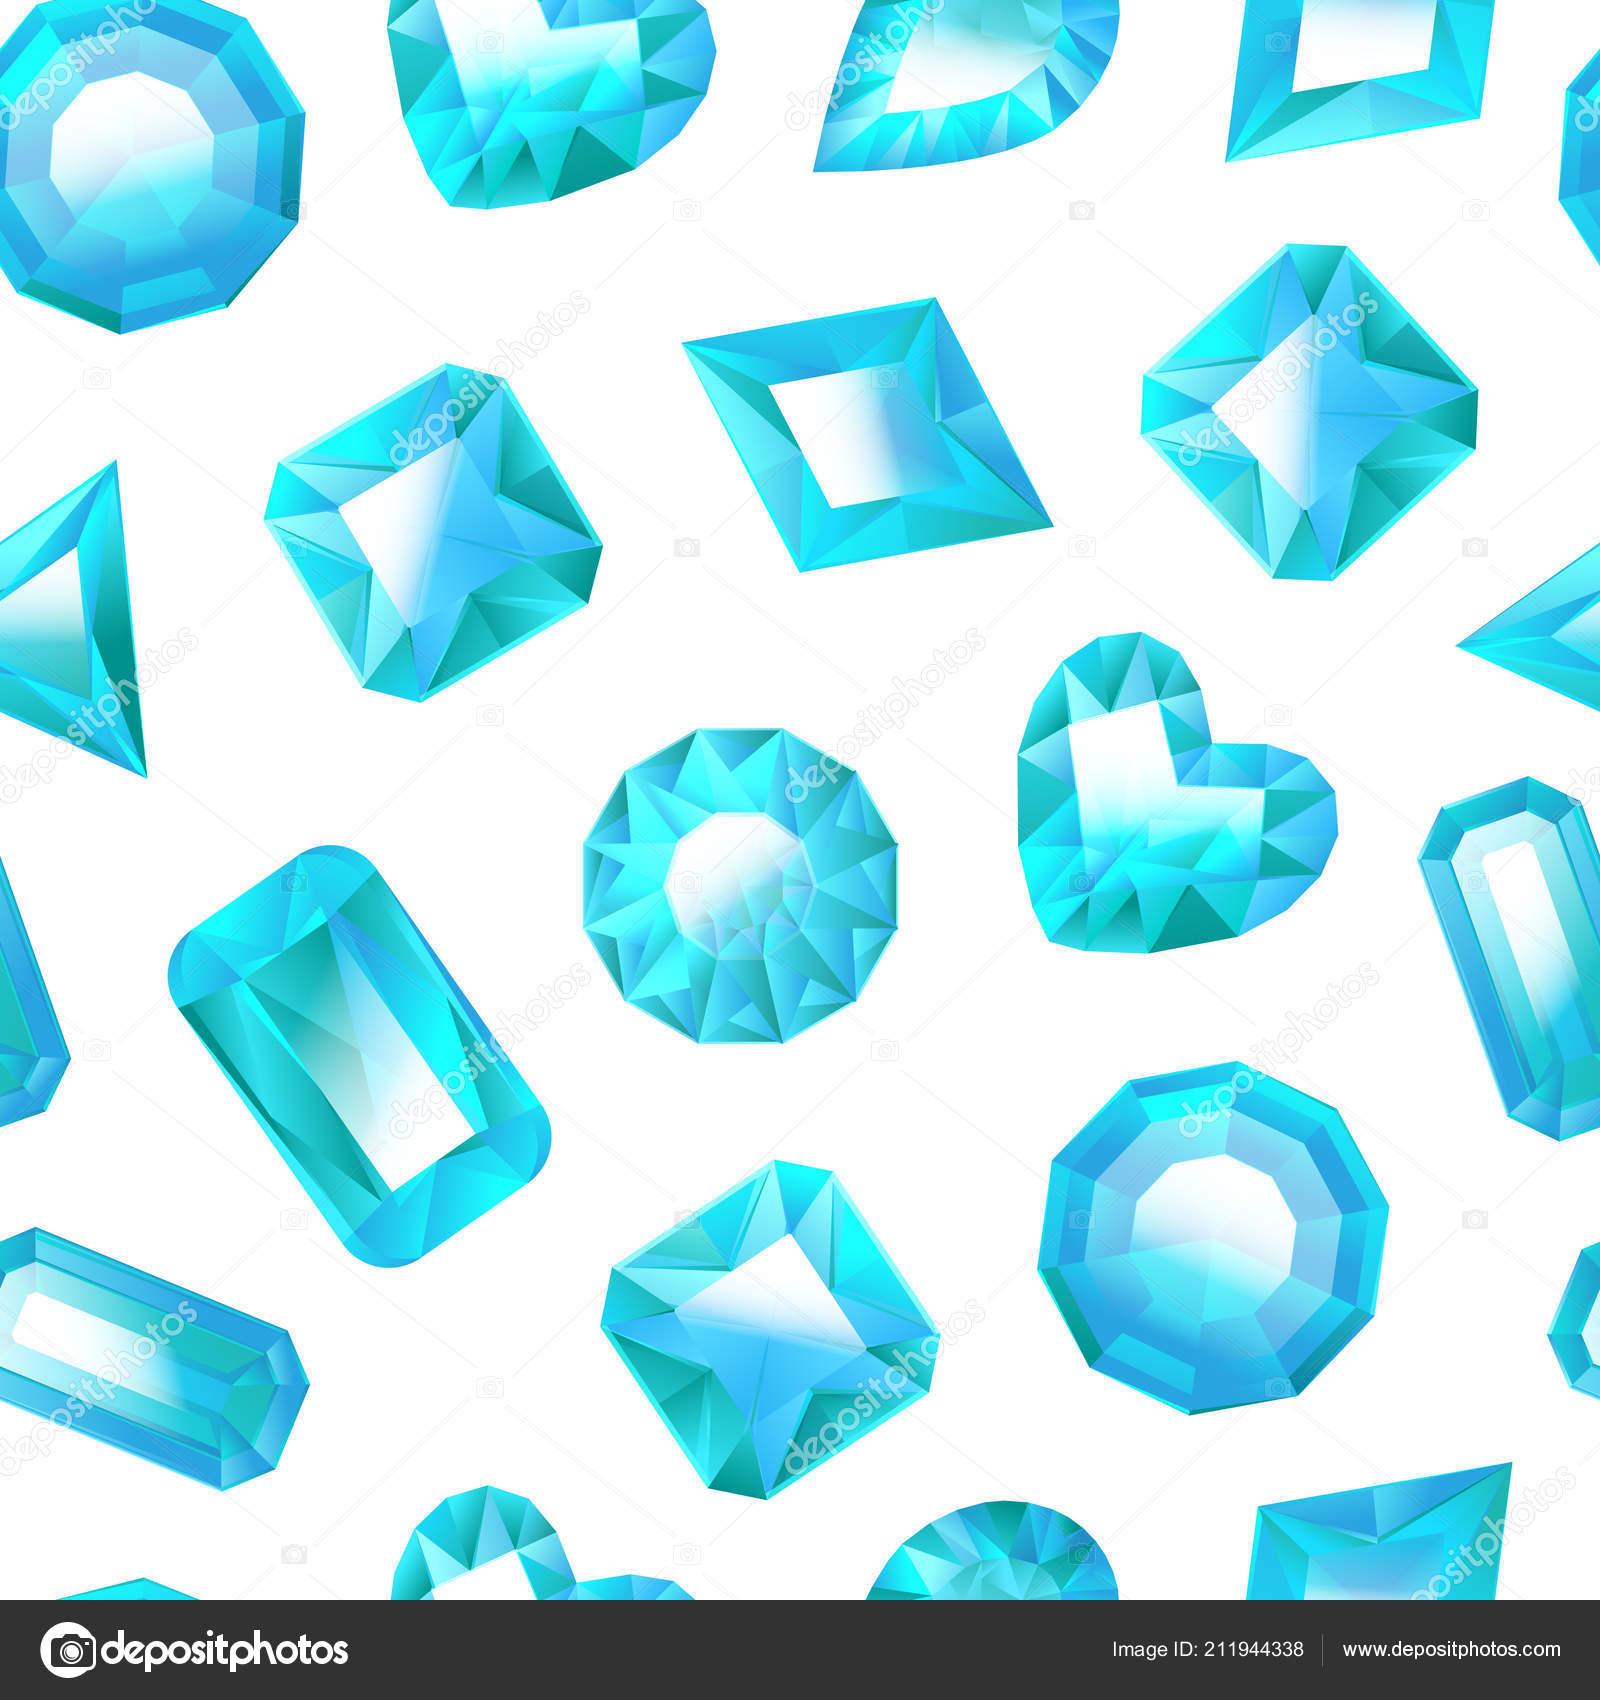 7aeb70f31111 Realista detallada 3d joyas azul transparente de fondo sobre un blanco  diferente tipos de gema o cristal para la joyería de lujo. Ilustración de  vector de ...